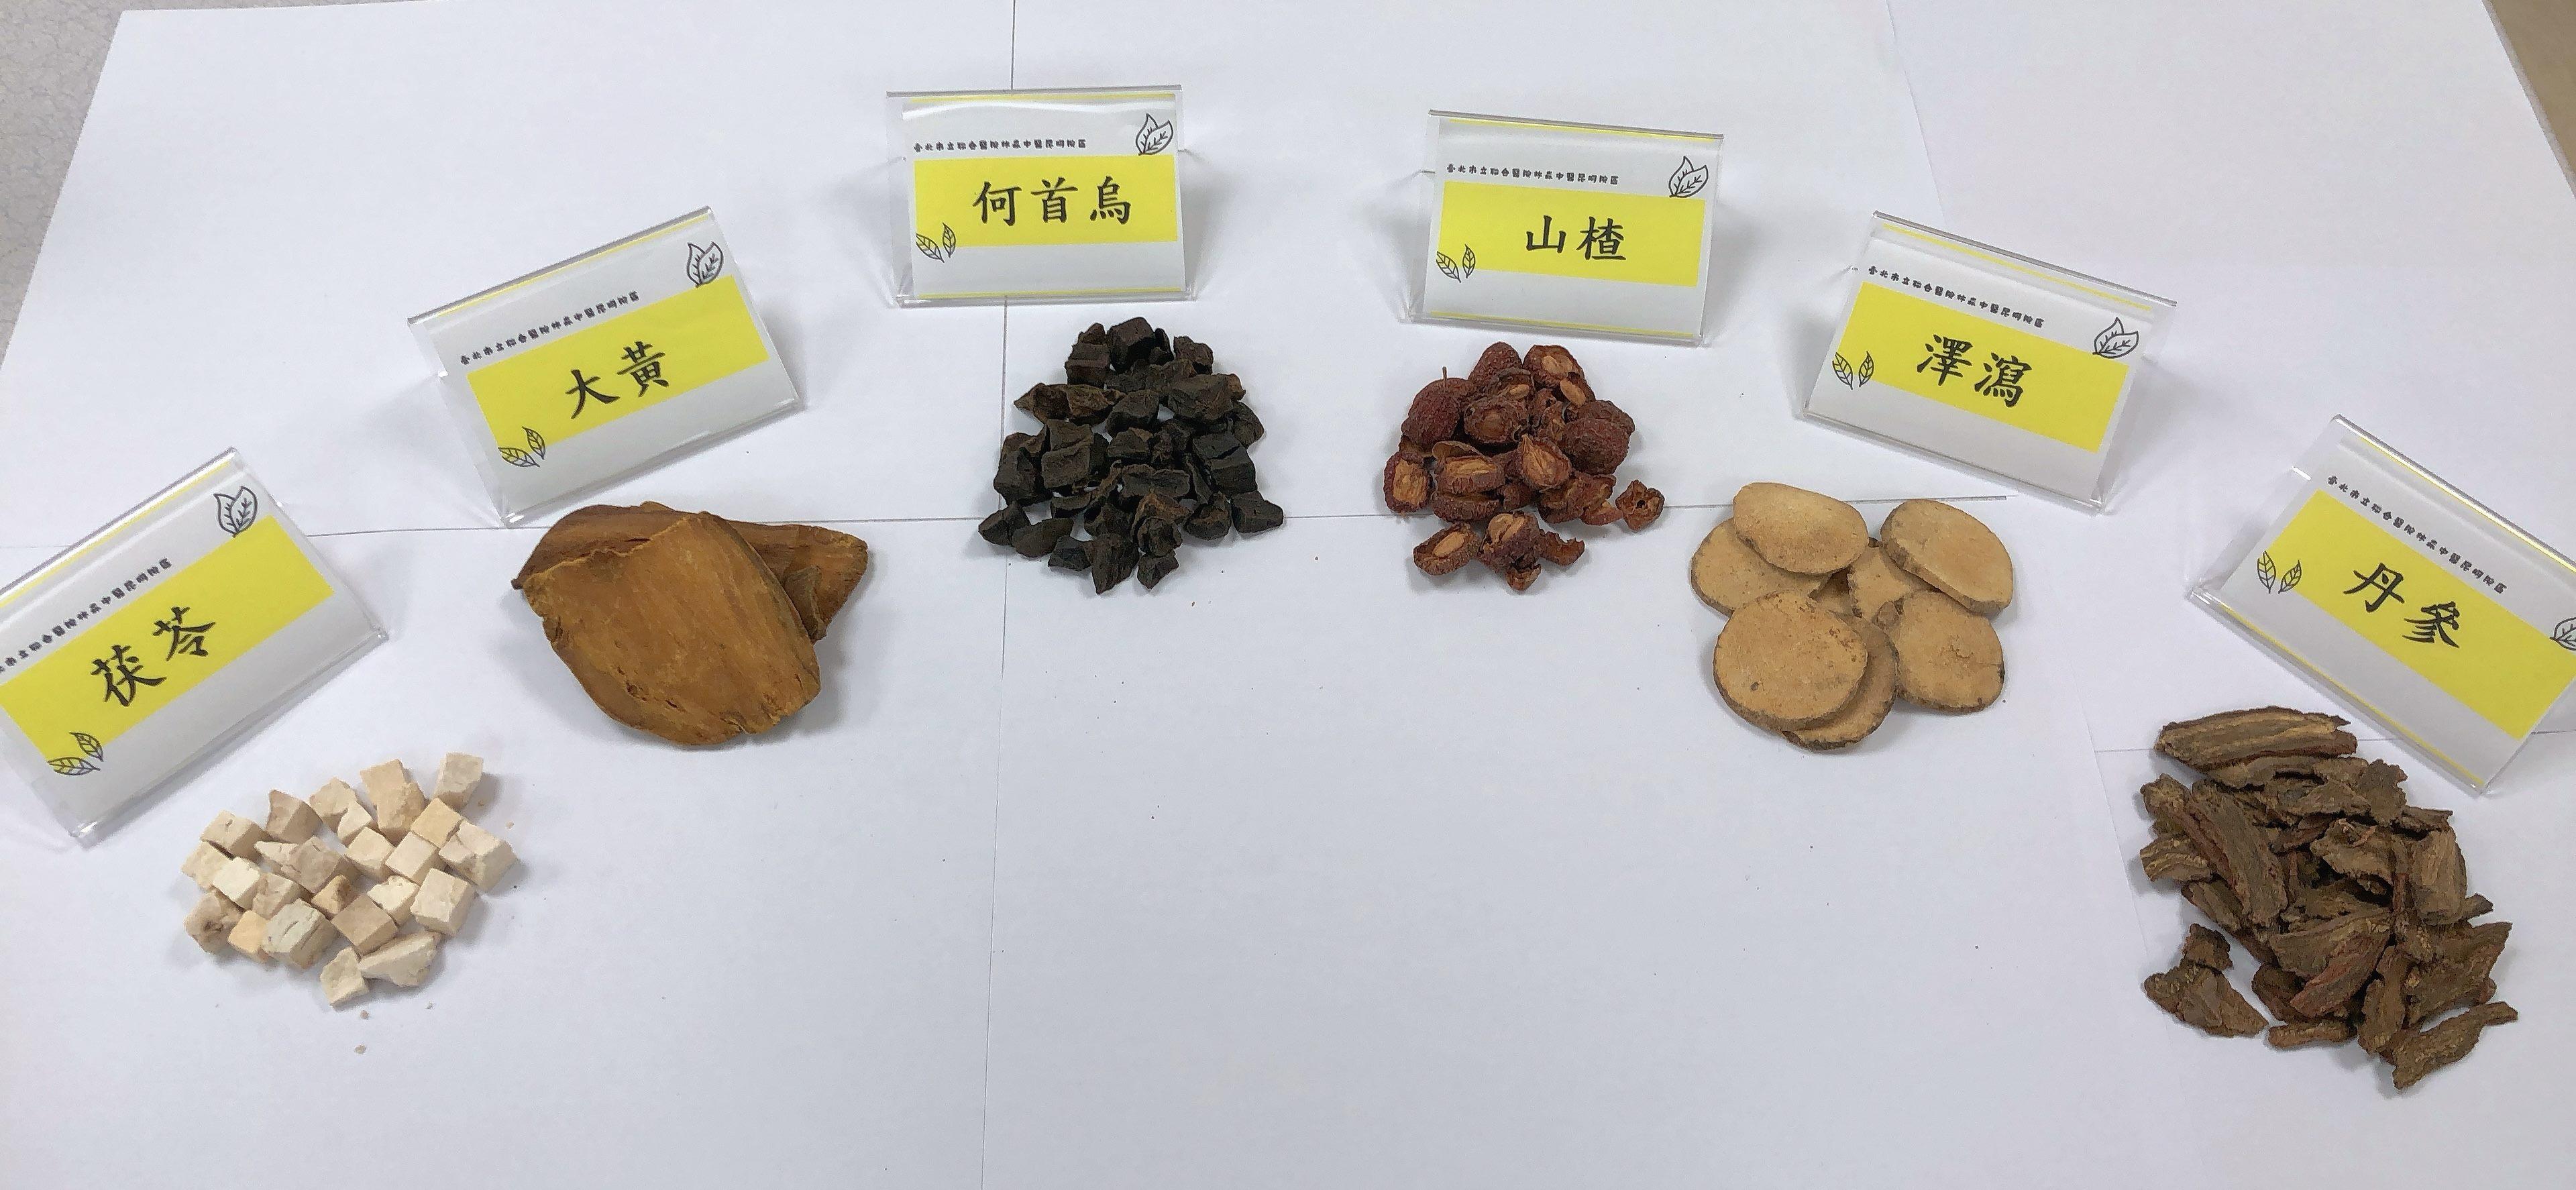 中藥常用於減脂的藥物種類